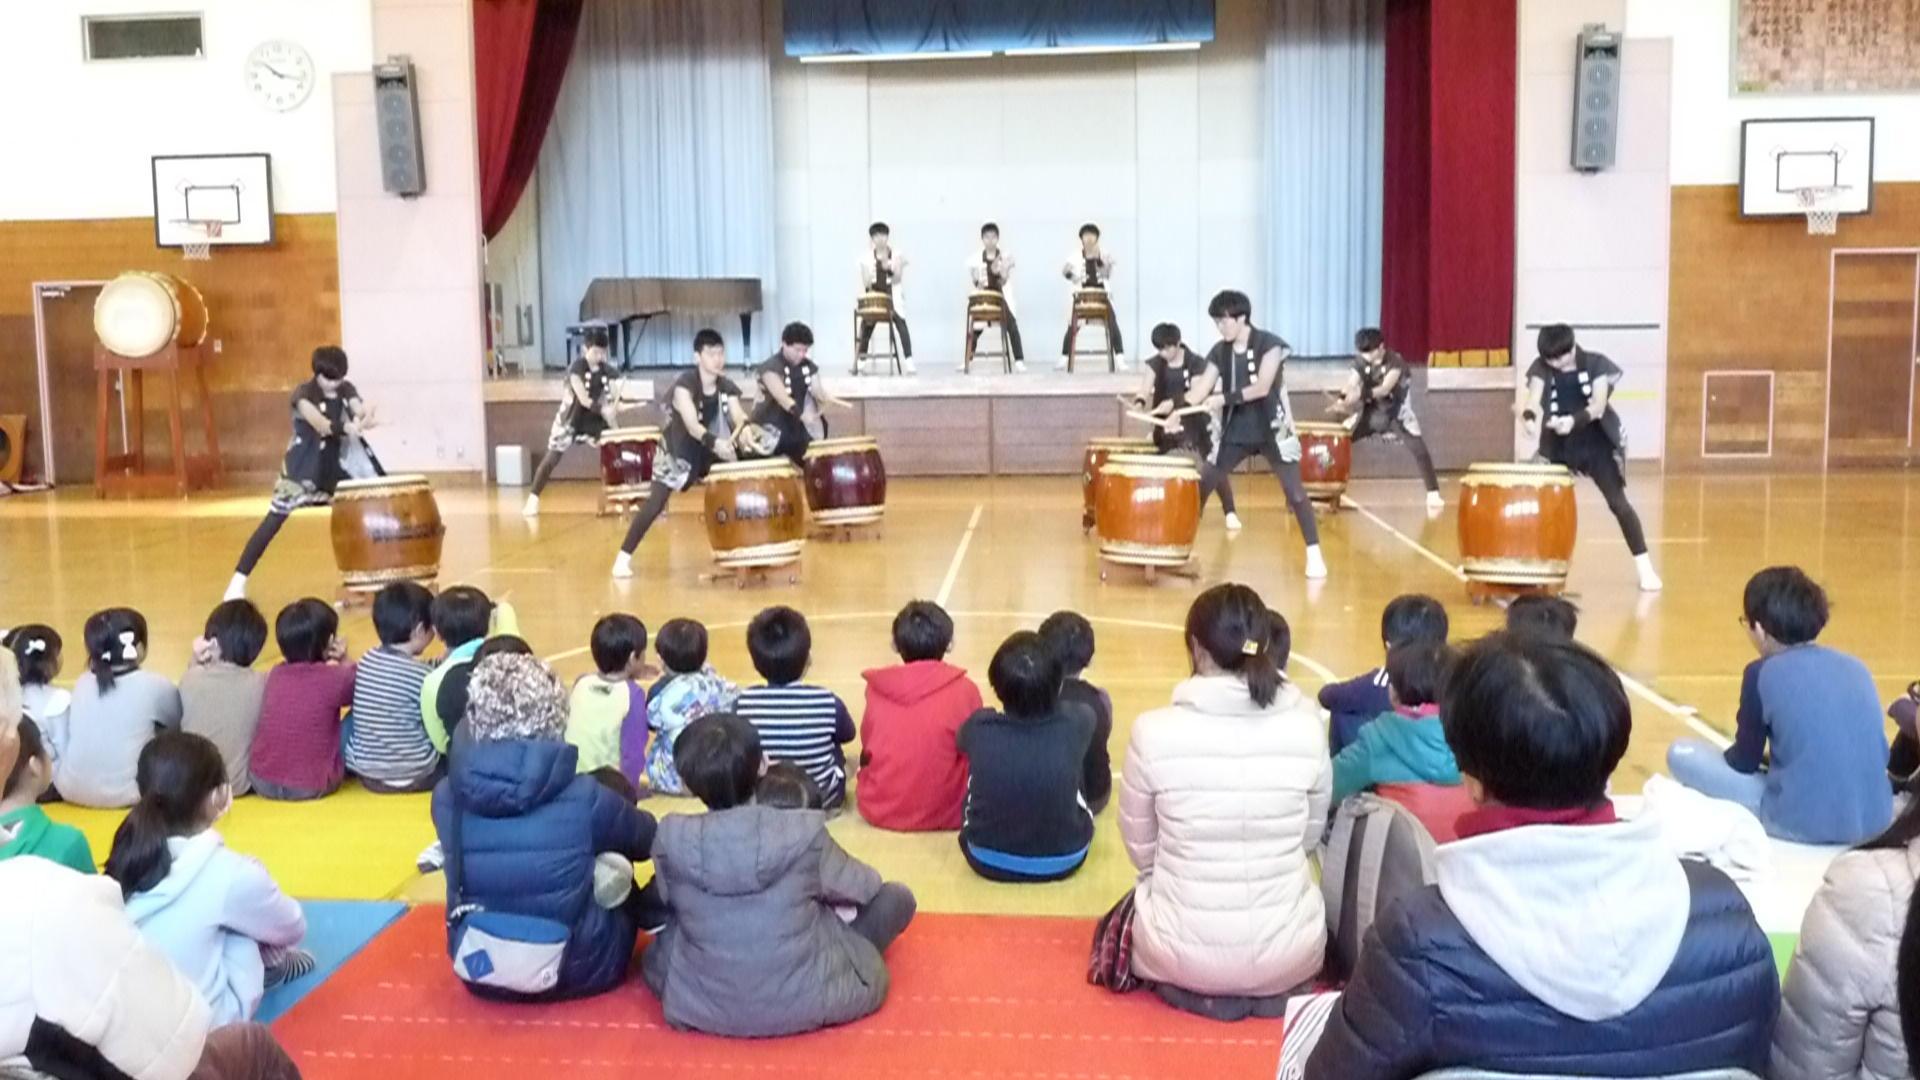 http://www.zushi-kaisei.ac.jp/news/03c8a8b23b76be4f2fe1f18c0b2b18a58d640112.JPG